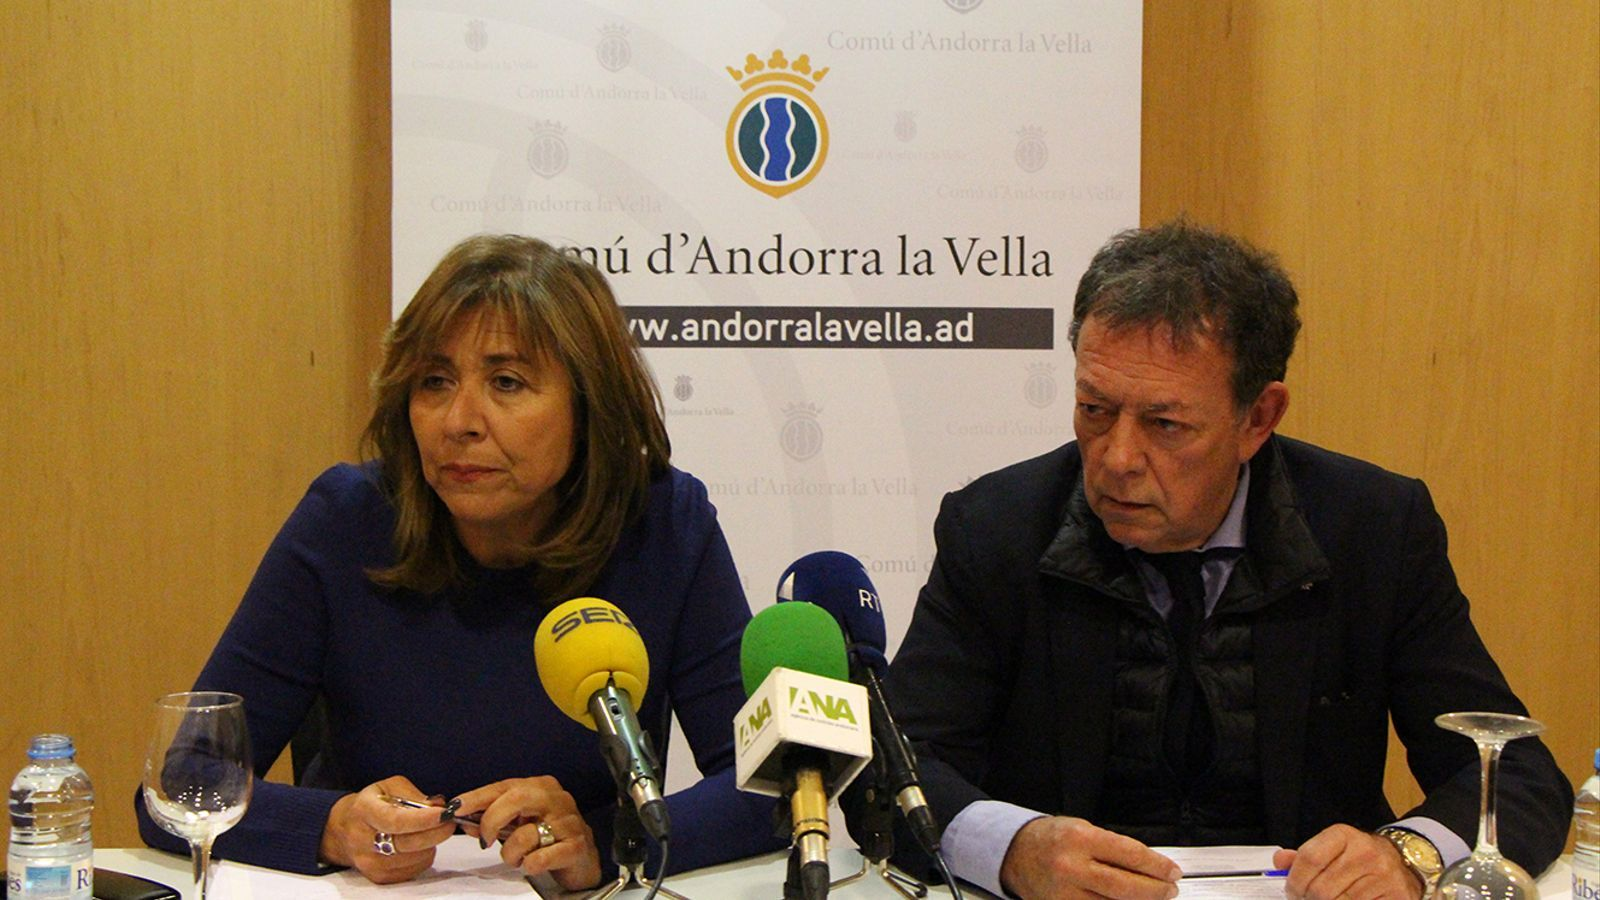 La cònsol major d'Andorra la Vella, Conxita Marxol, i el cònsol major de Sant Julià de Lòria, Josep Miquel Vila, durant la roda de premsa posterior a la reunió de cònsols. / M. M. (ANA)